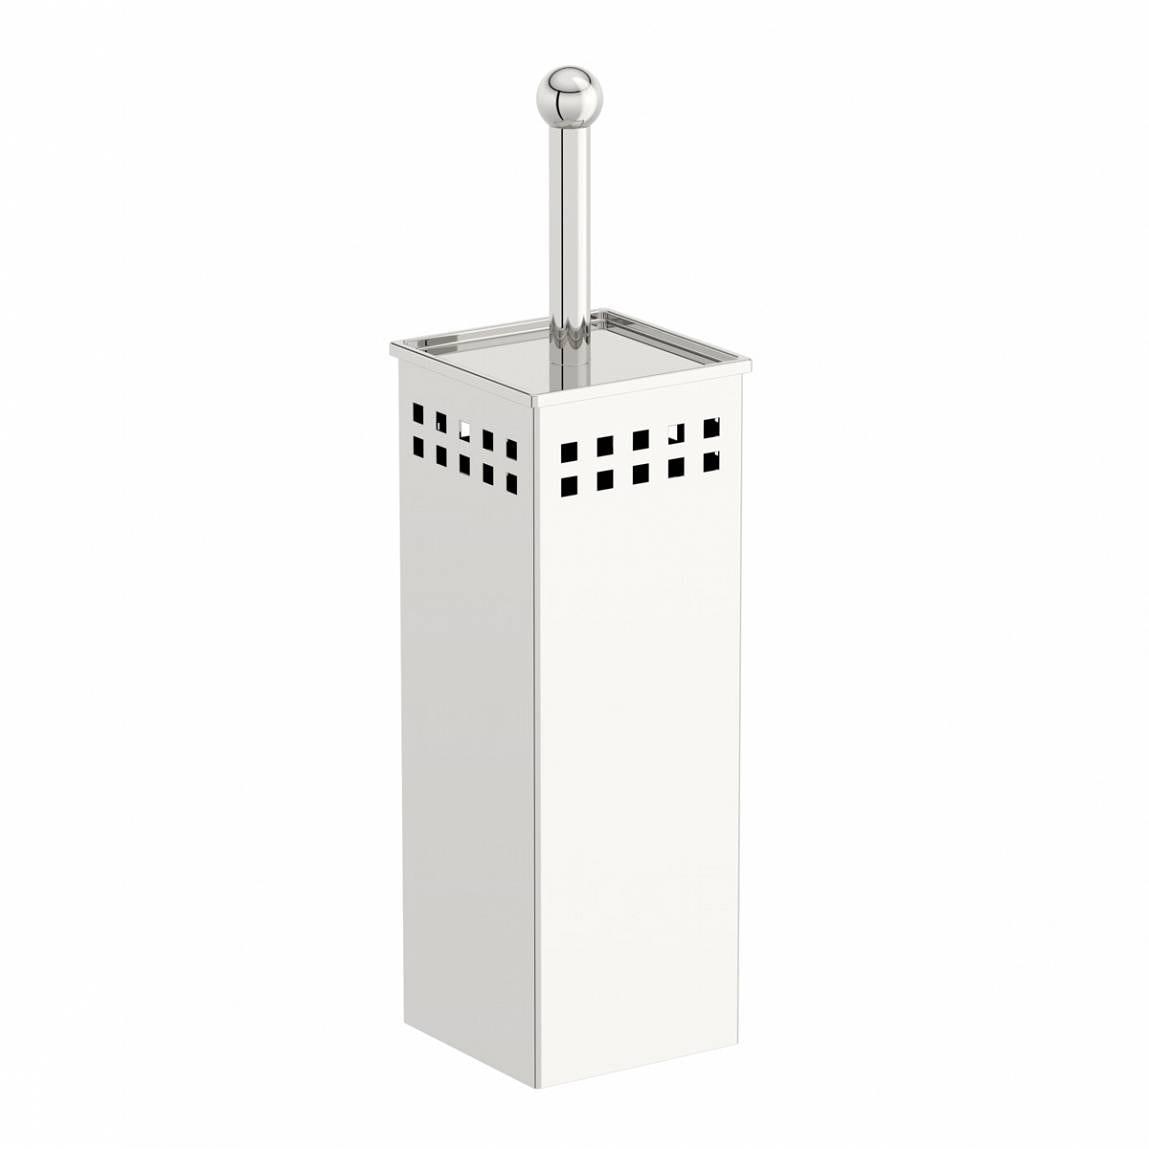 Options Stainless Steel Square Toilet Brush Holder